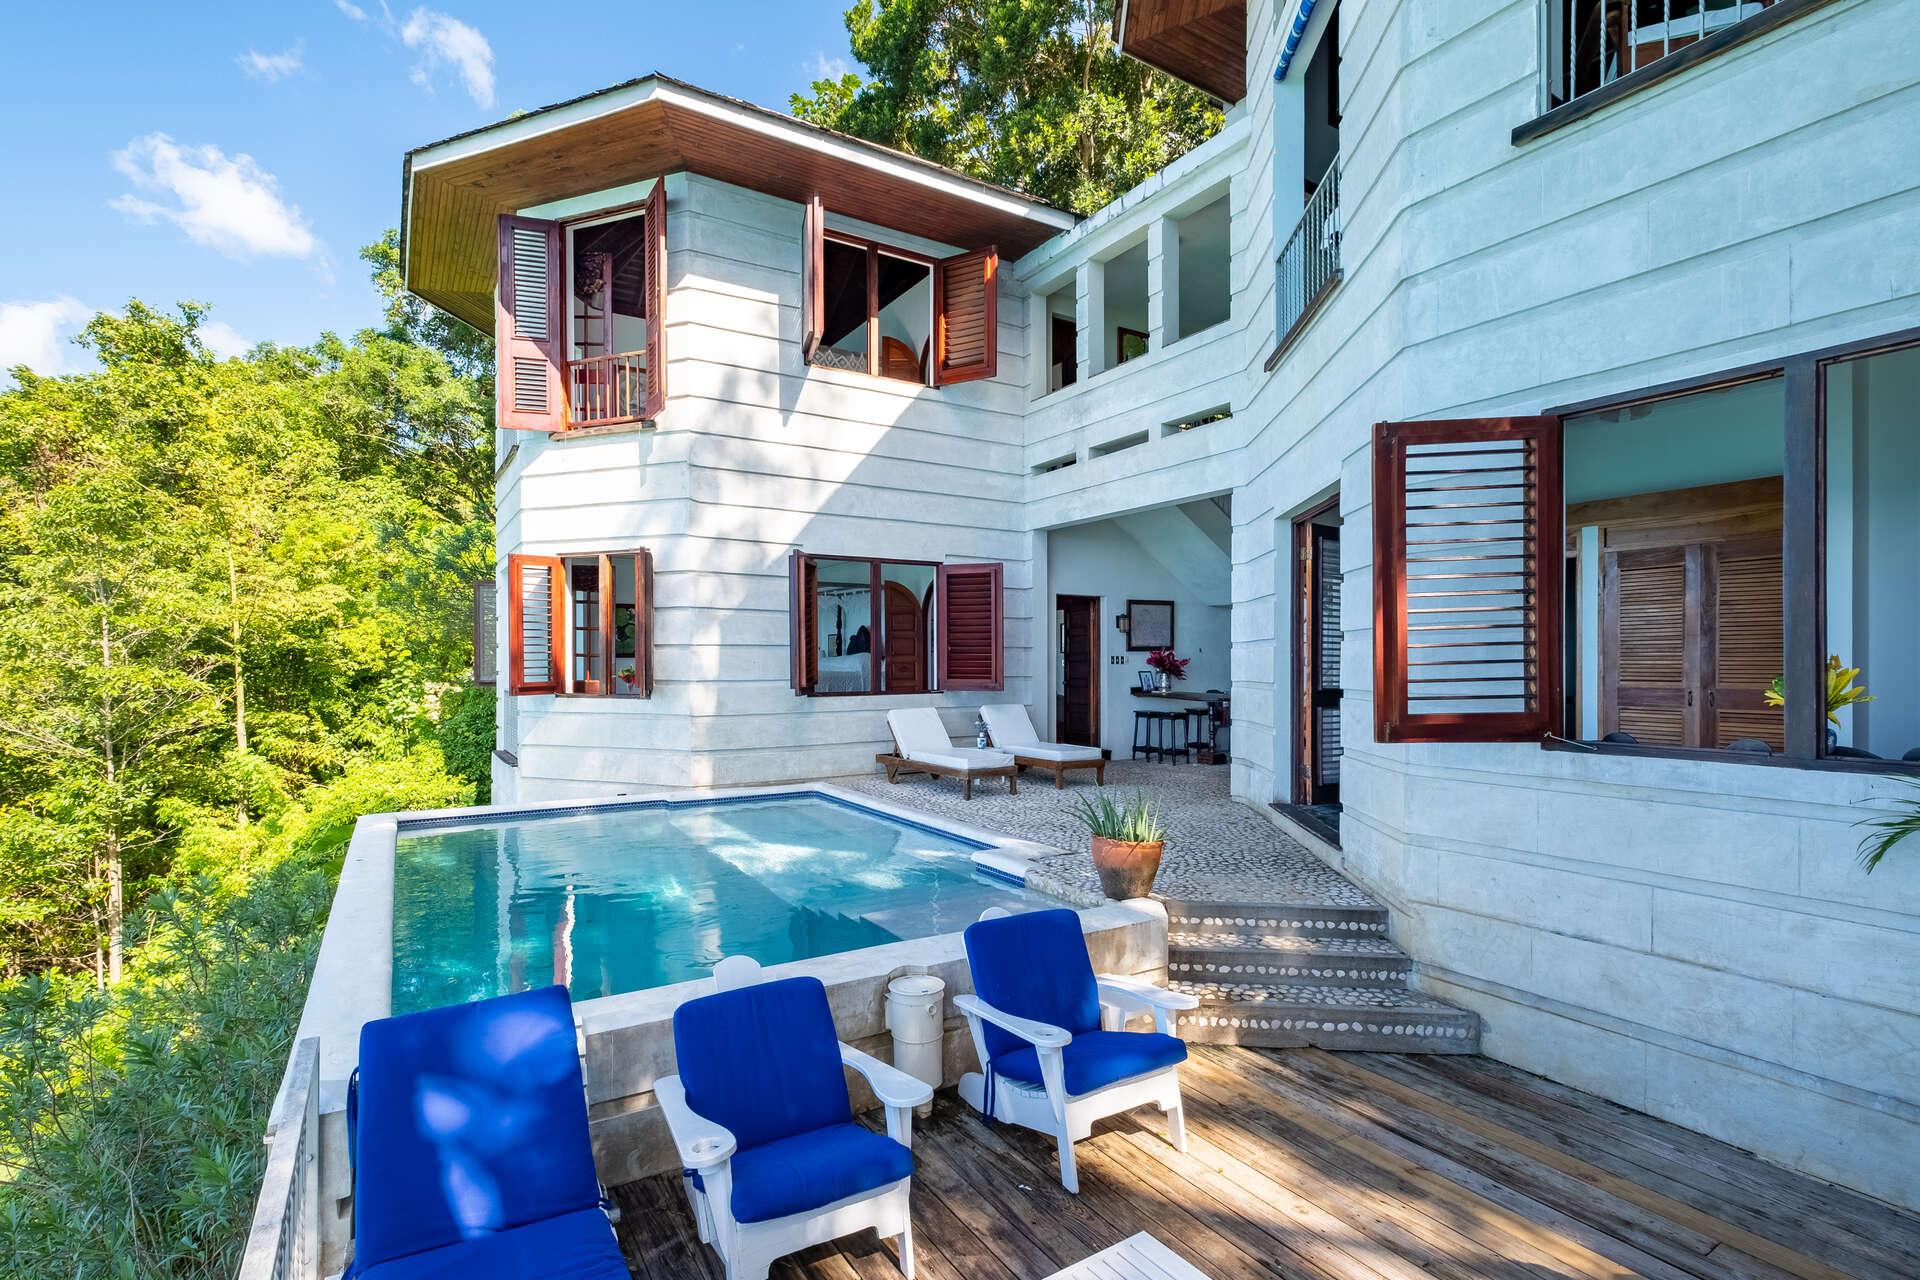 - Providence House - Image 1/21